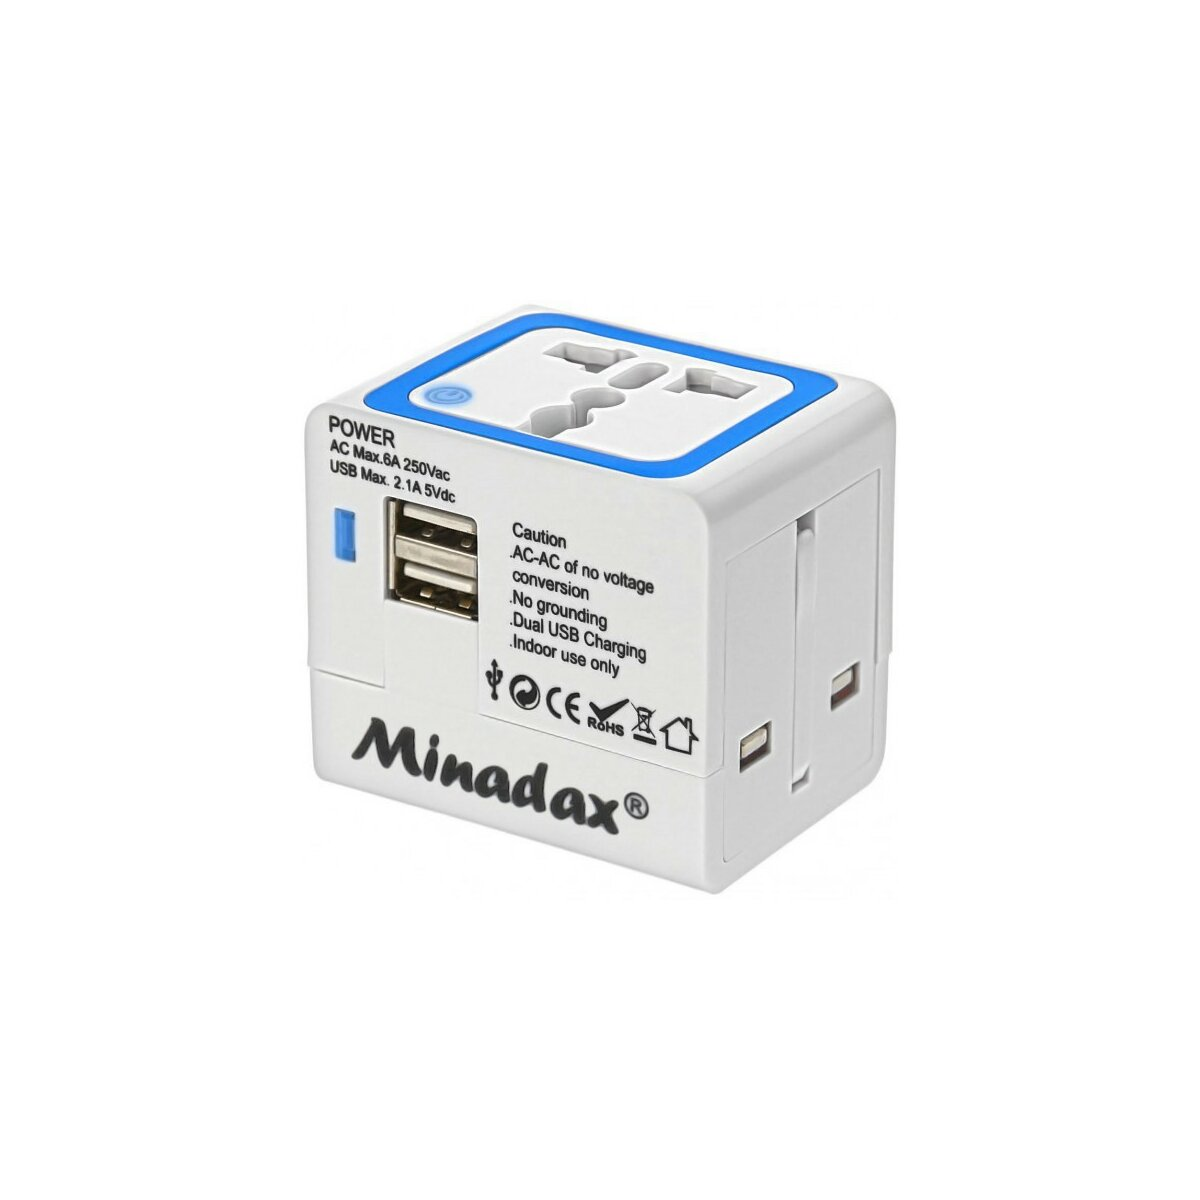 Minadax® All in One Travel Adapter 2x USB Power Ladegerät mit 2100mA , Reiseadapter für EU, USA, AUS, UK